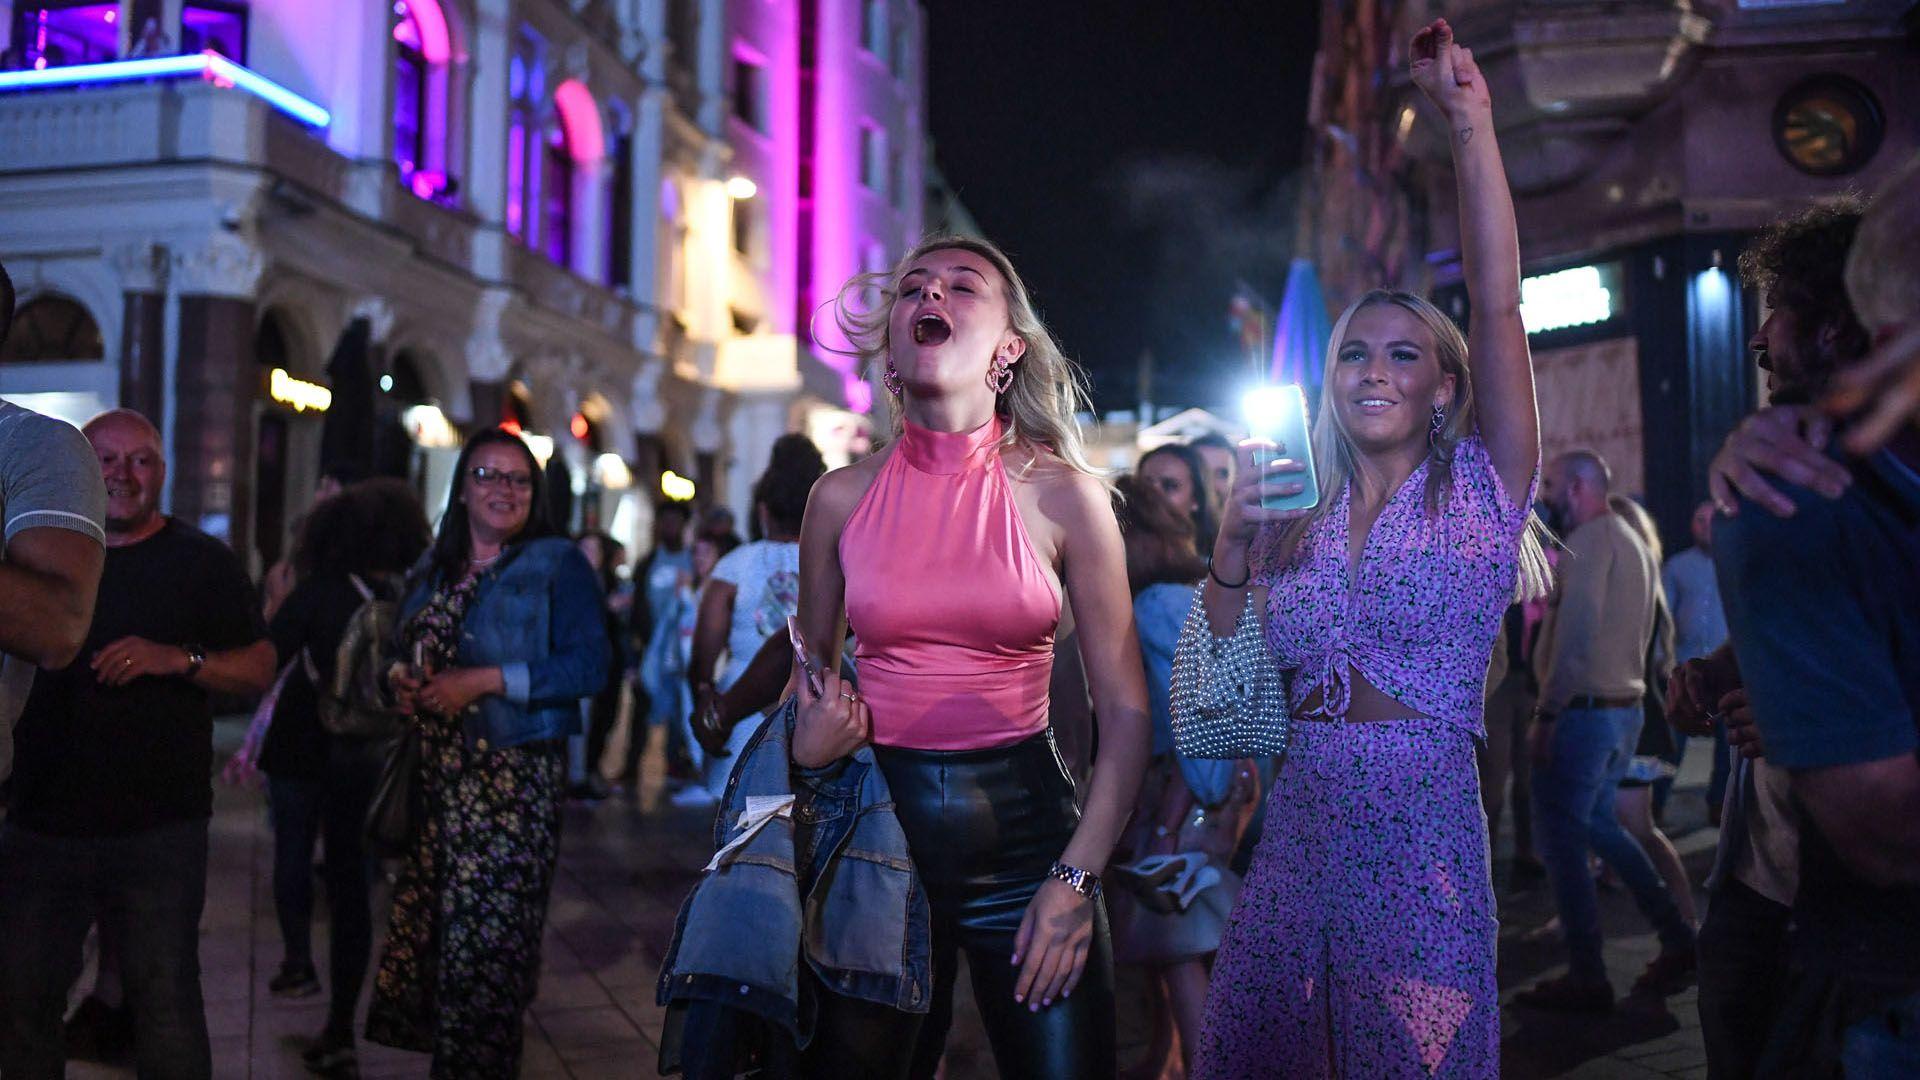 Hétfőtől újra kijárási korlátozás a briteknél: bulizók lepték el az utcákat a hír hallatán